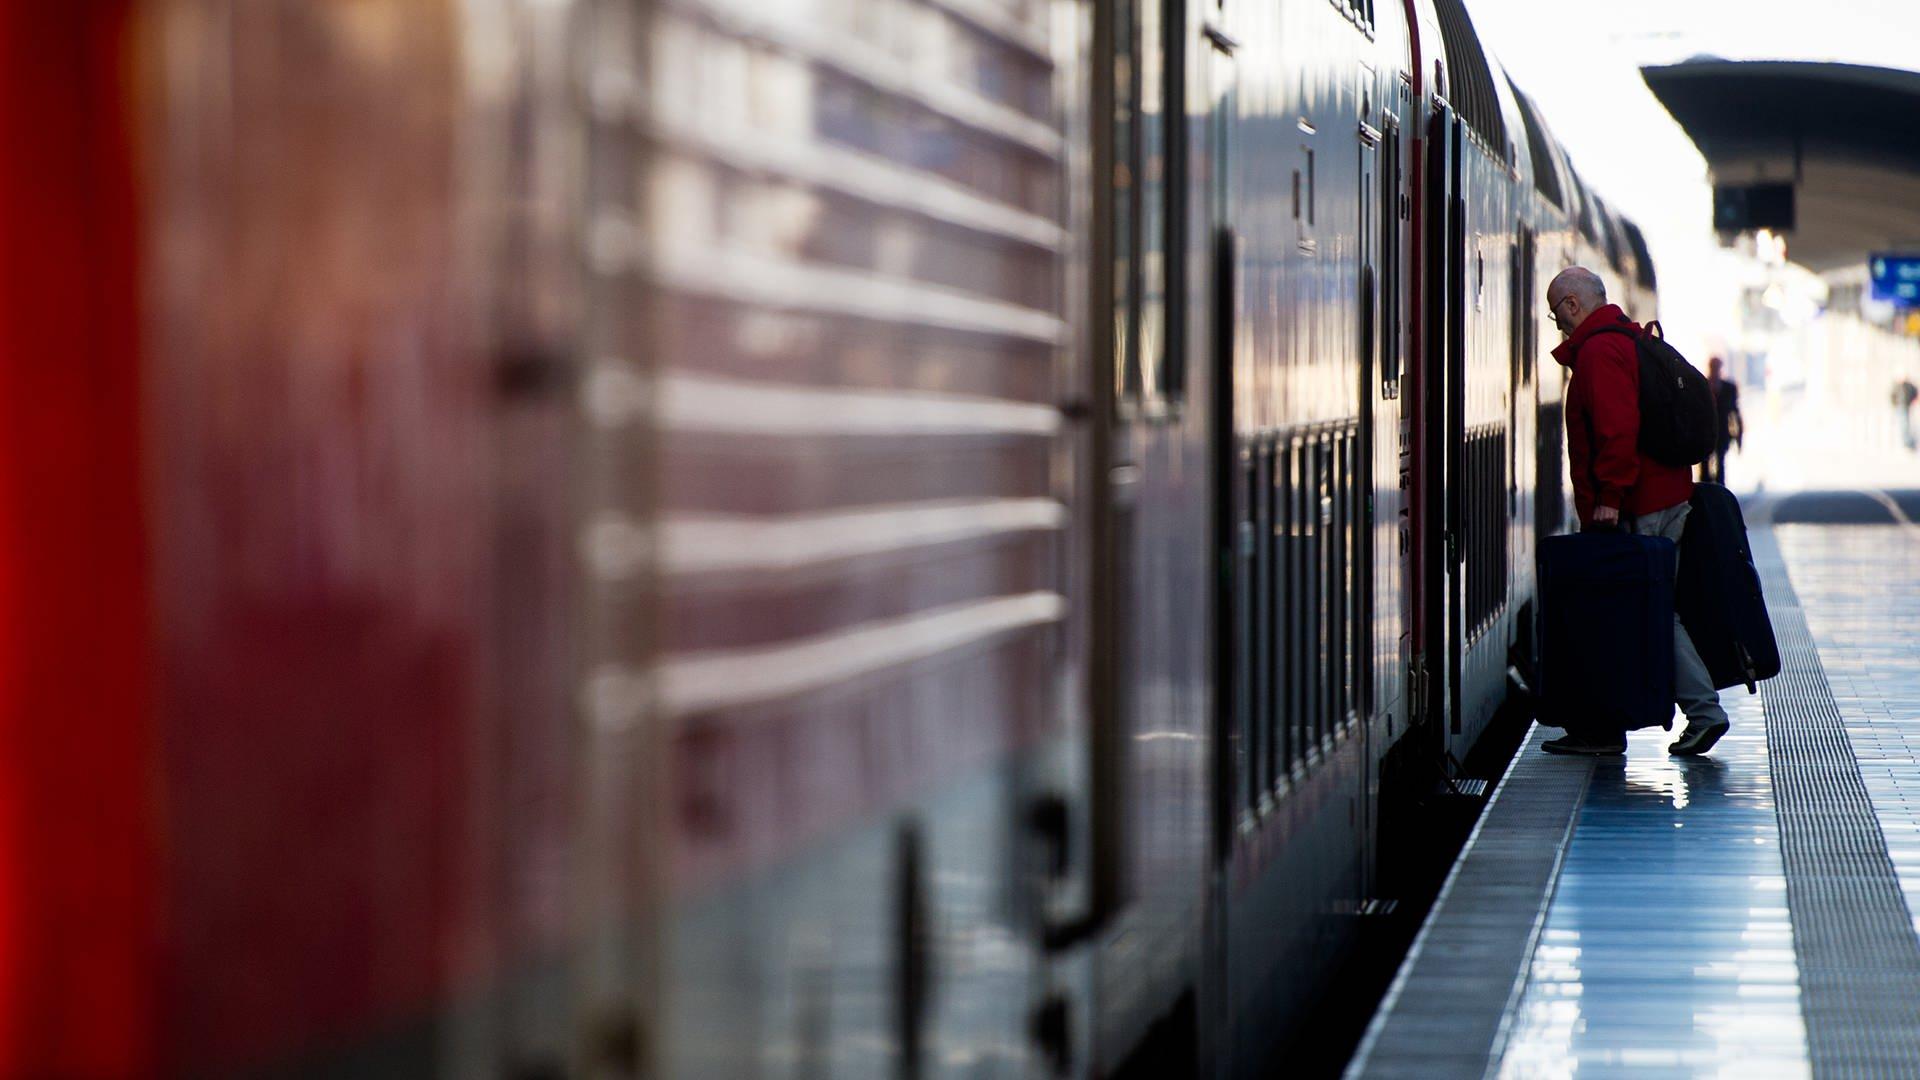 Mann steigt in Zug ein